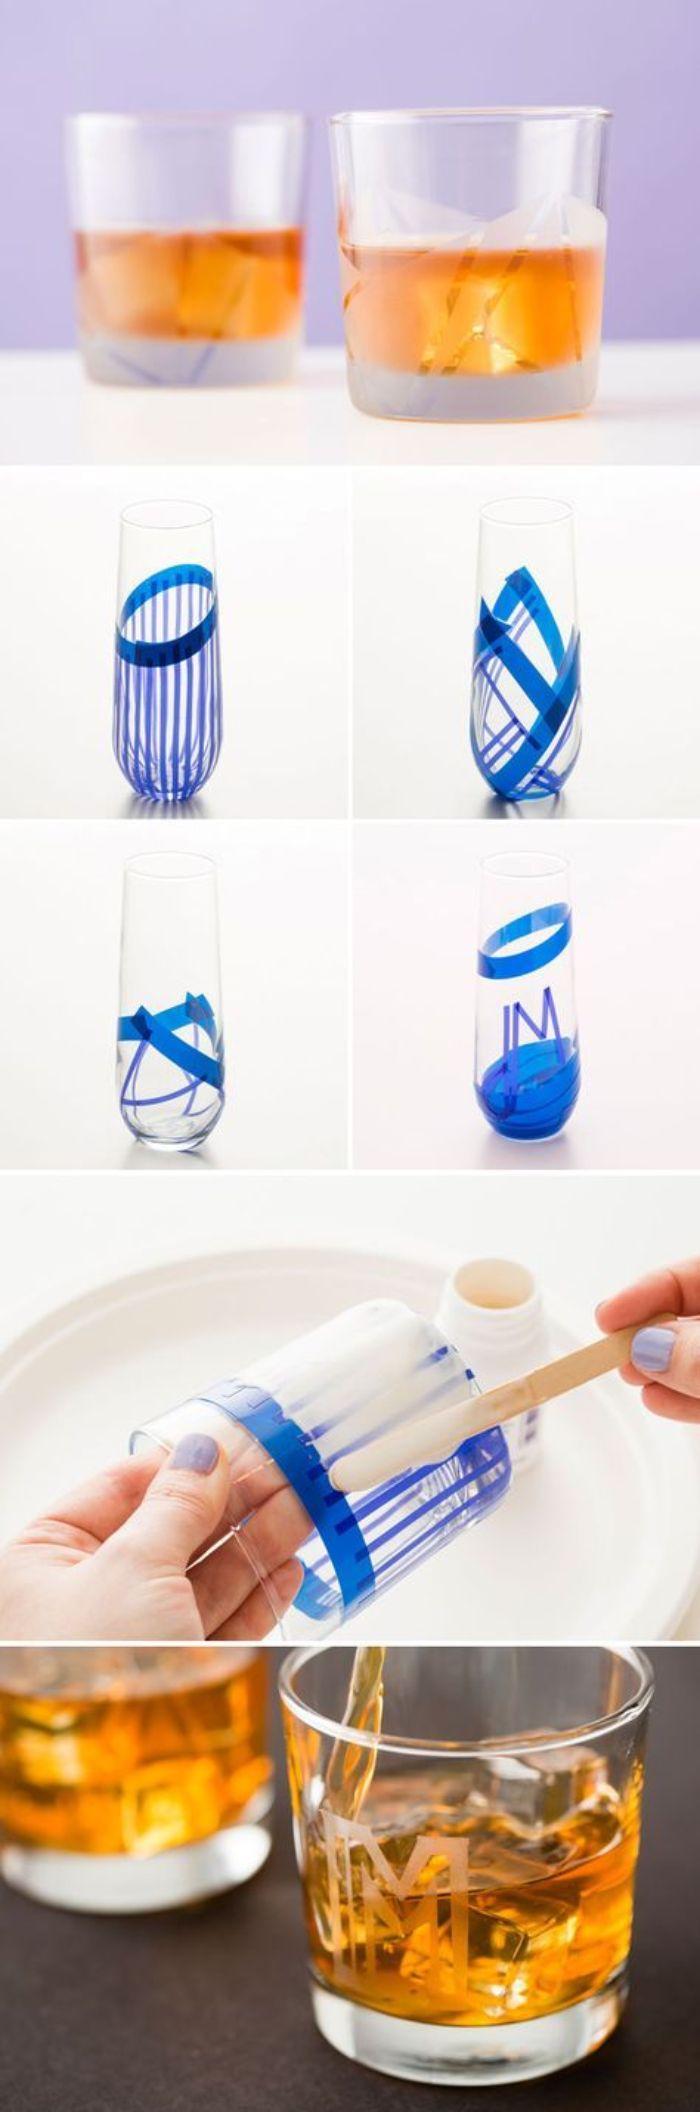 étapes gravure chimique sur verre